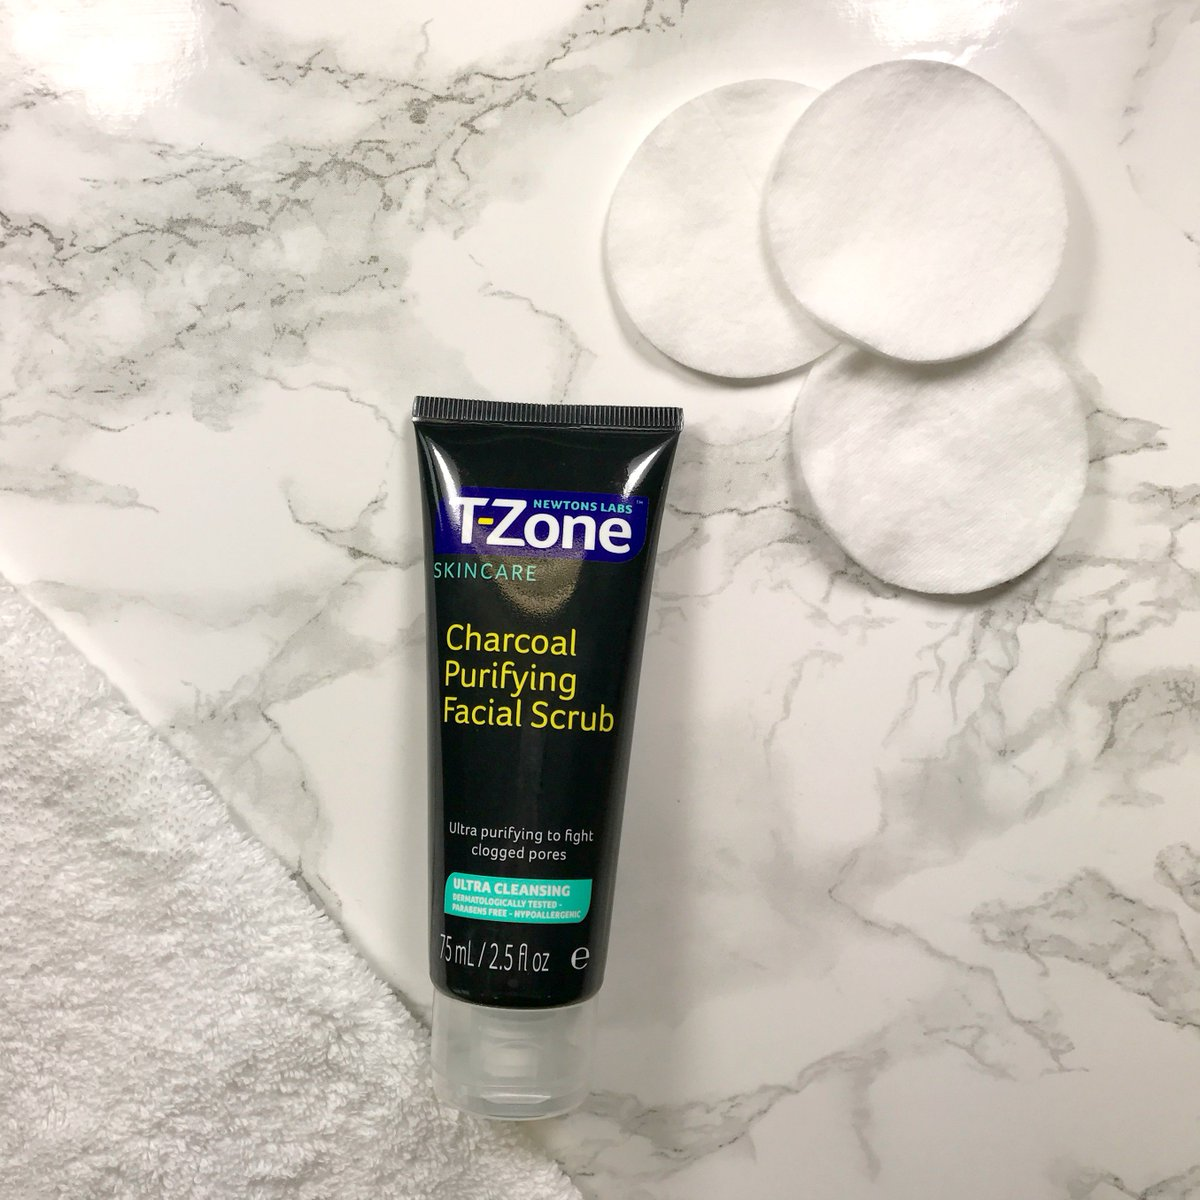 Tẩy Tế Bào Chết T-zone Charcoal Purifying Facial Scrub 75ml